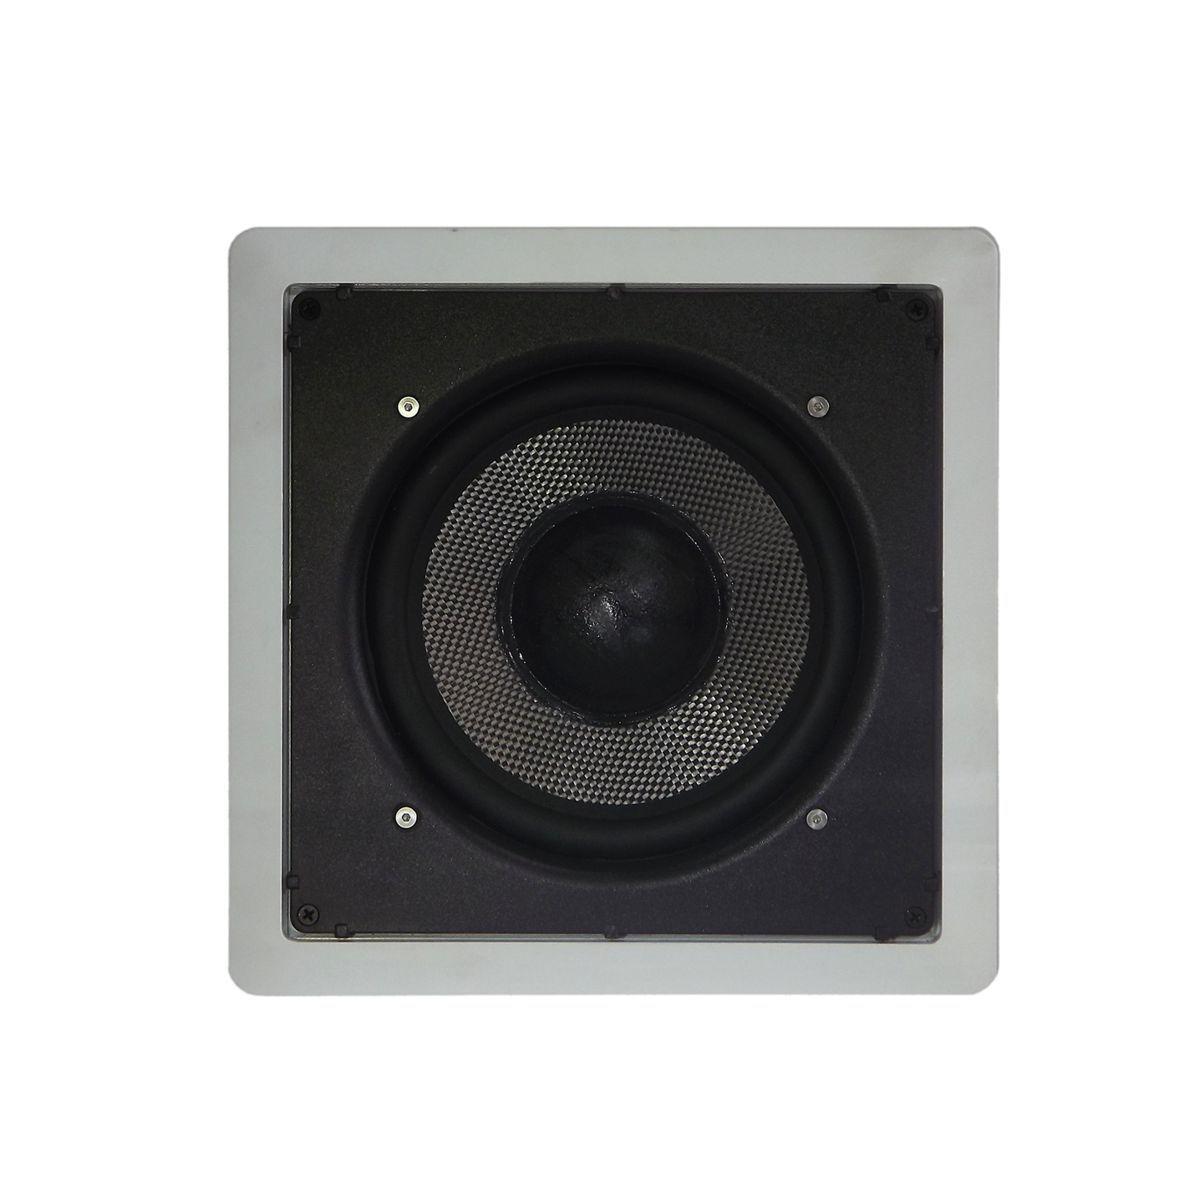 Kit Subwoofer Passivo de Embutir LSW8 150 + Amplificador Mono APL-S150 150W RMS Loud